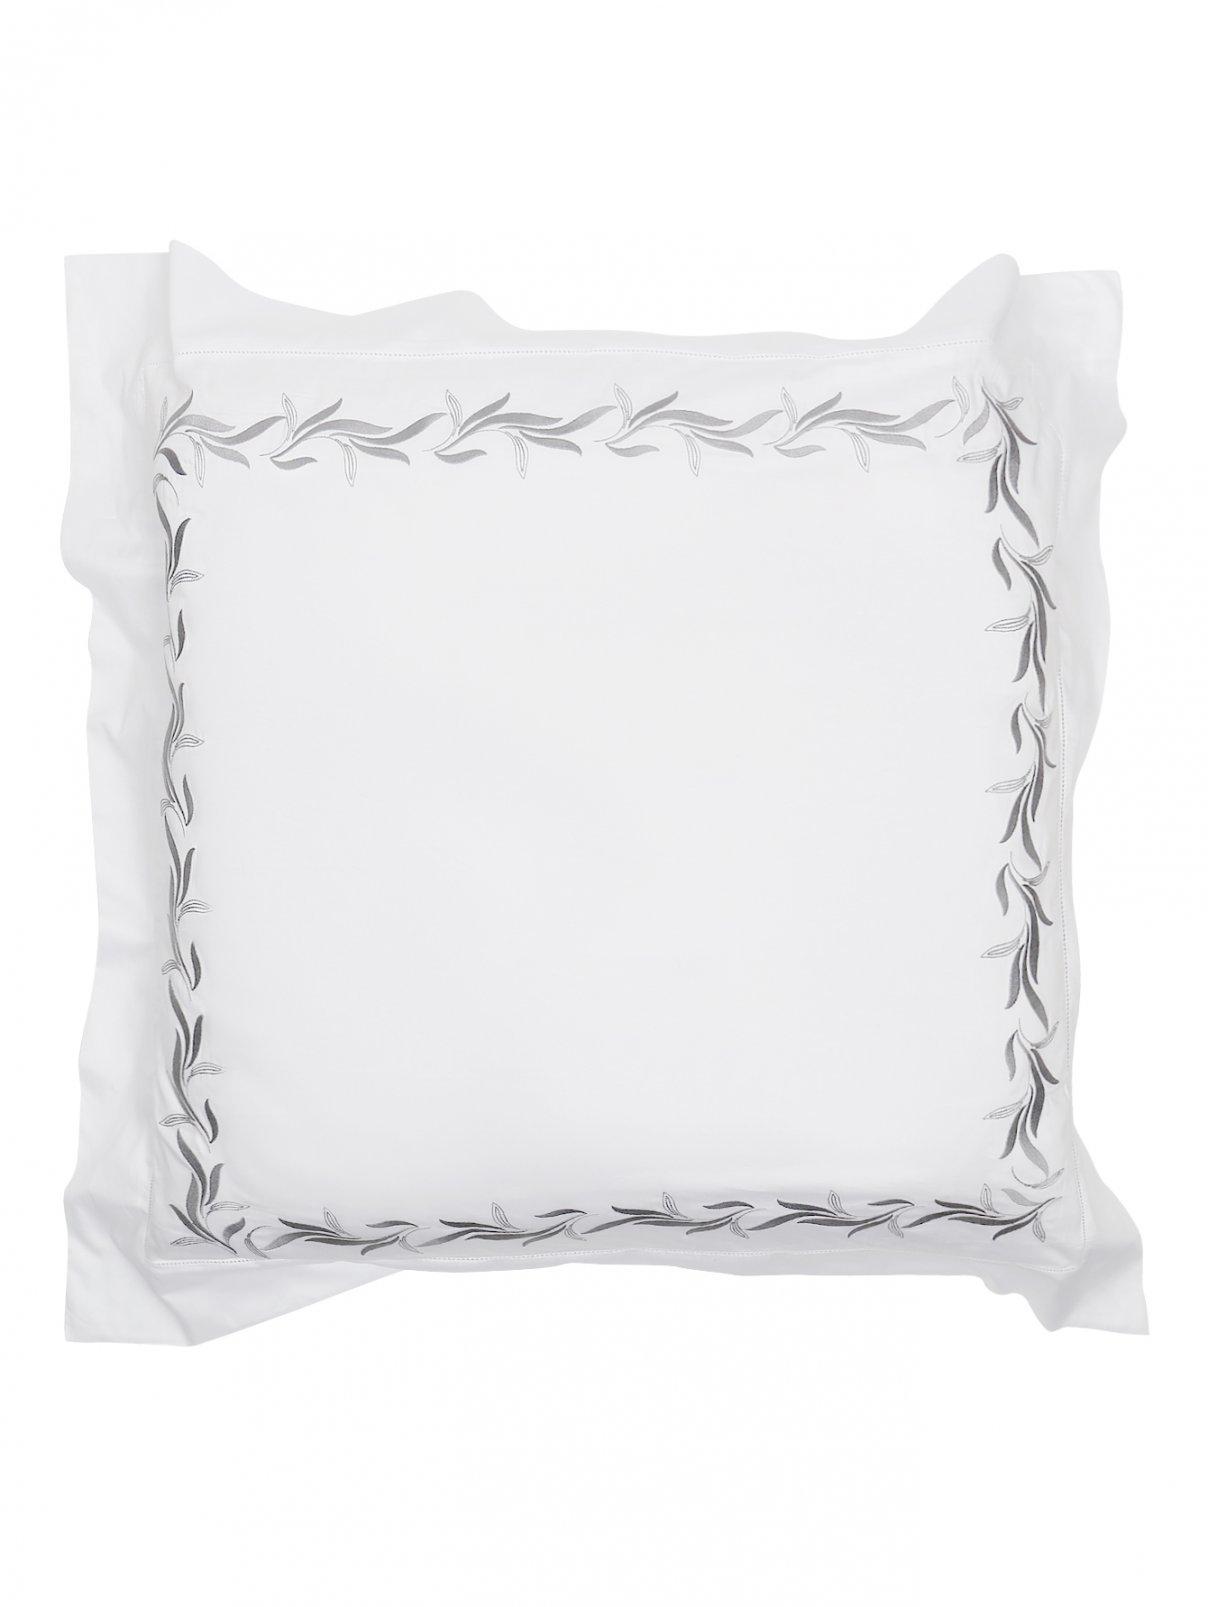 Наволочка из хлопка с узорной вышивкой по канту 65 x 65 Frette  –  Общий вид